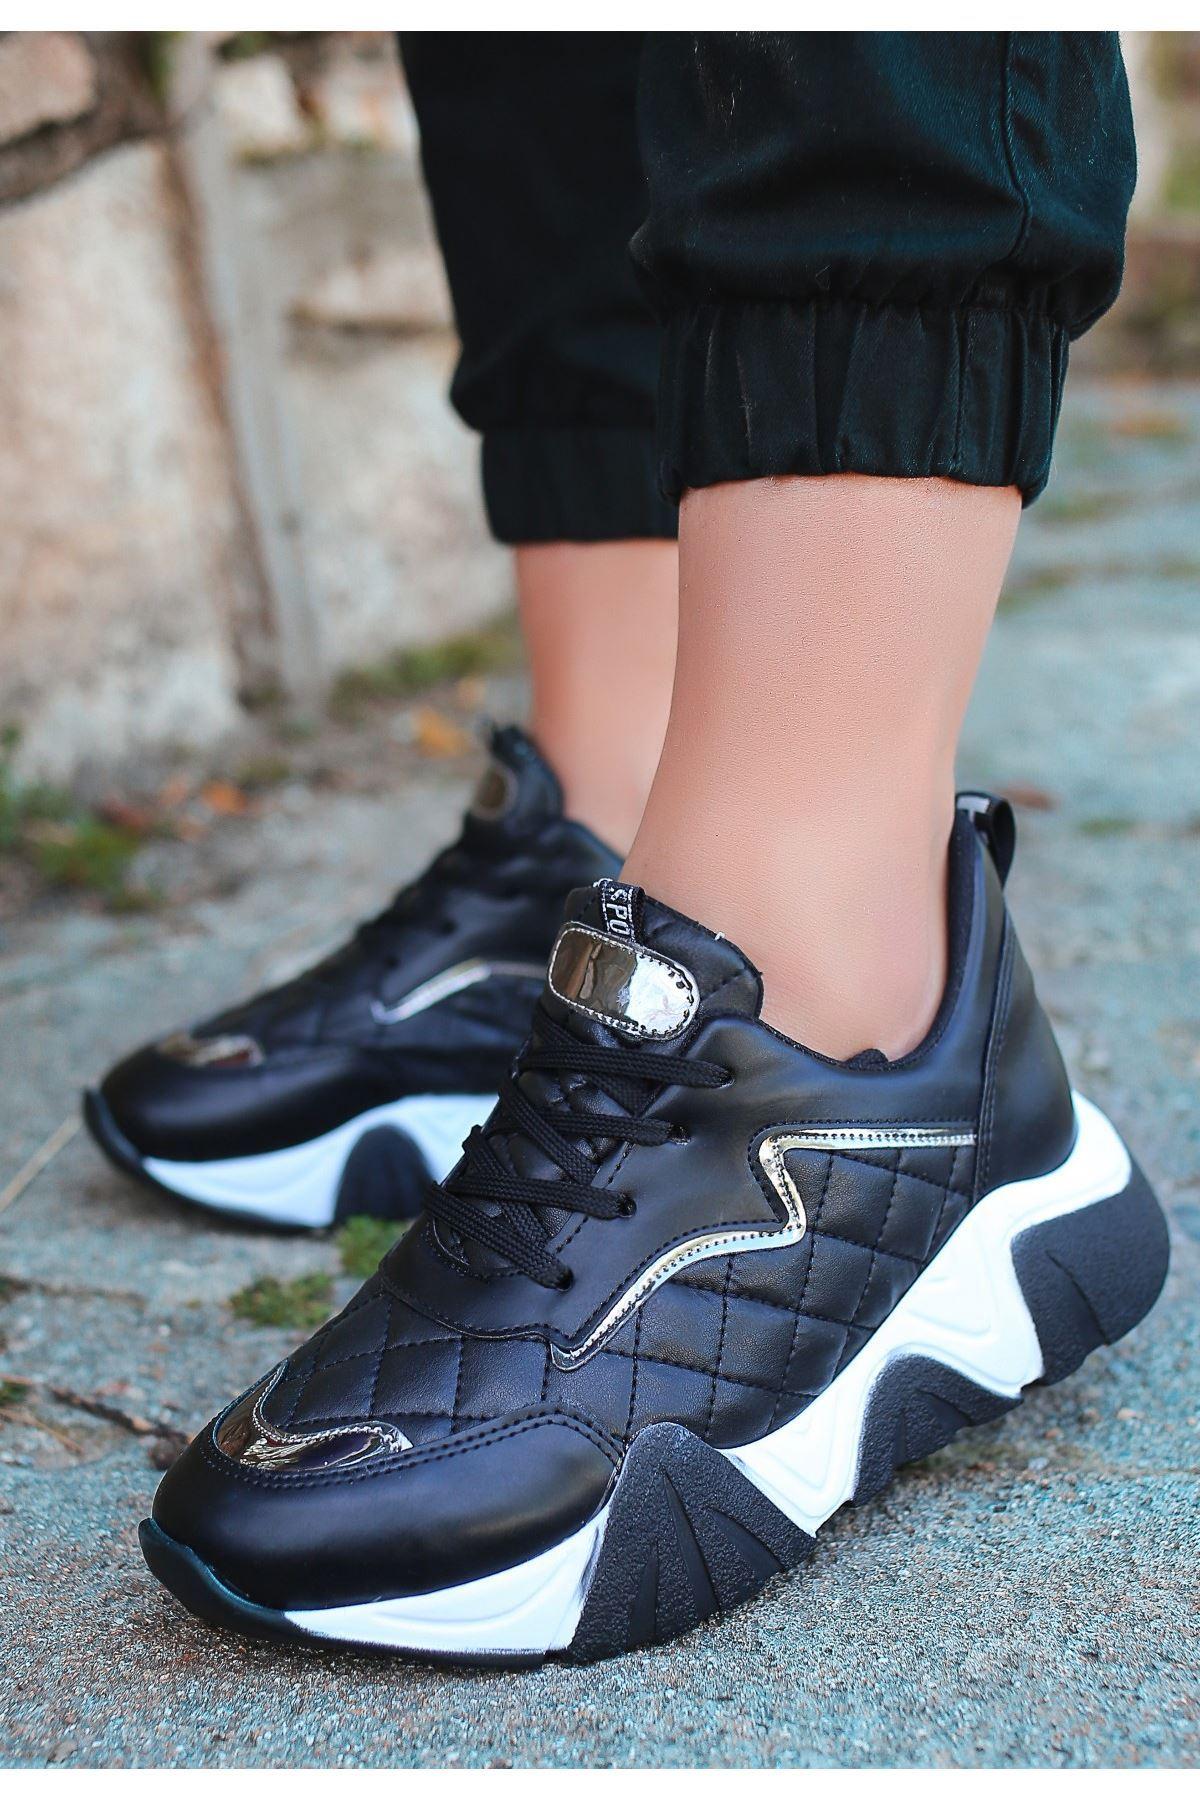 Renz Siyah Cilt Gümüş Detaylı Spor Ayakkabı